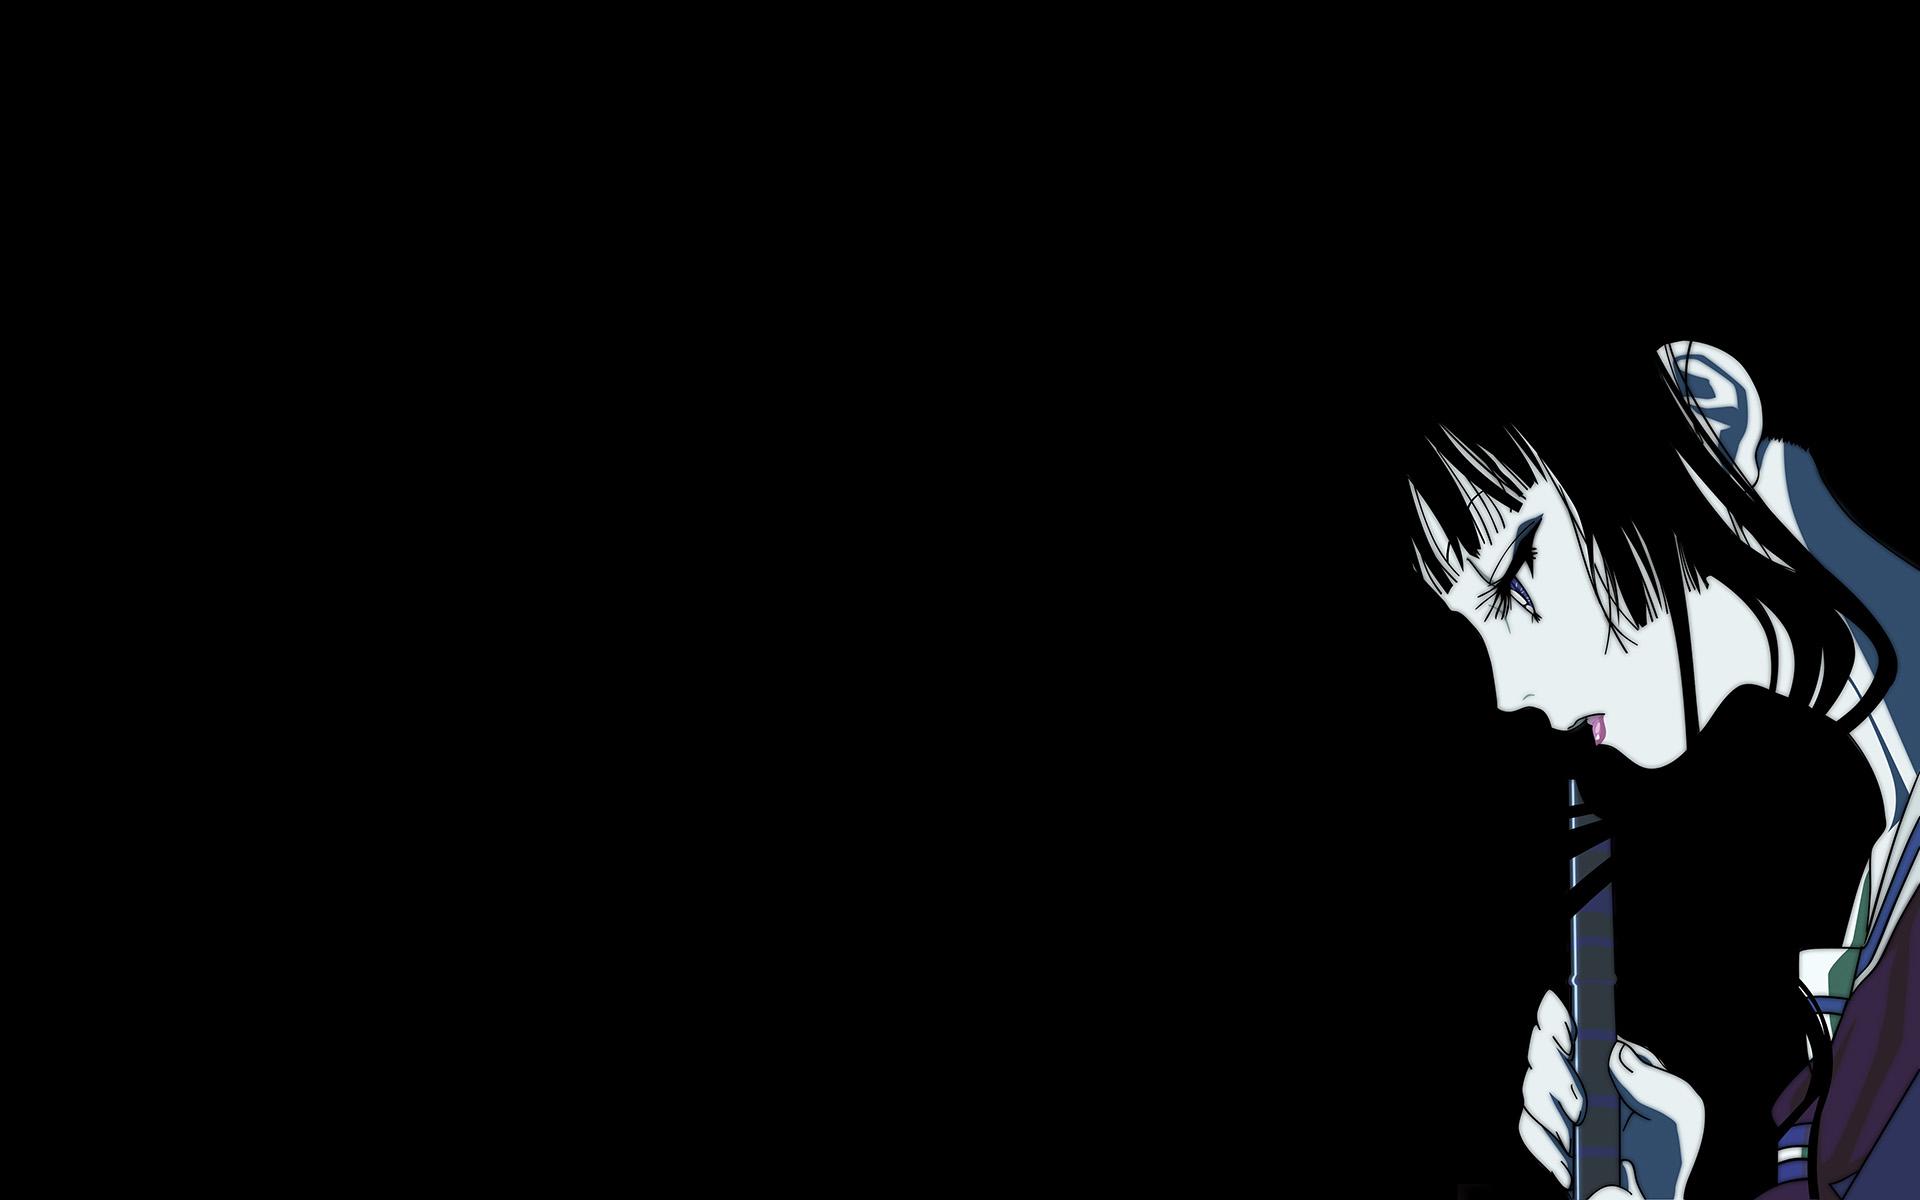 地狱少女高清壁纸 桌面背景 1920x1200 Id 428803 Wallpaper Abyss